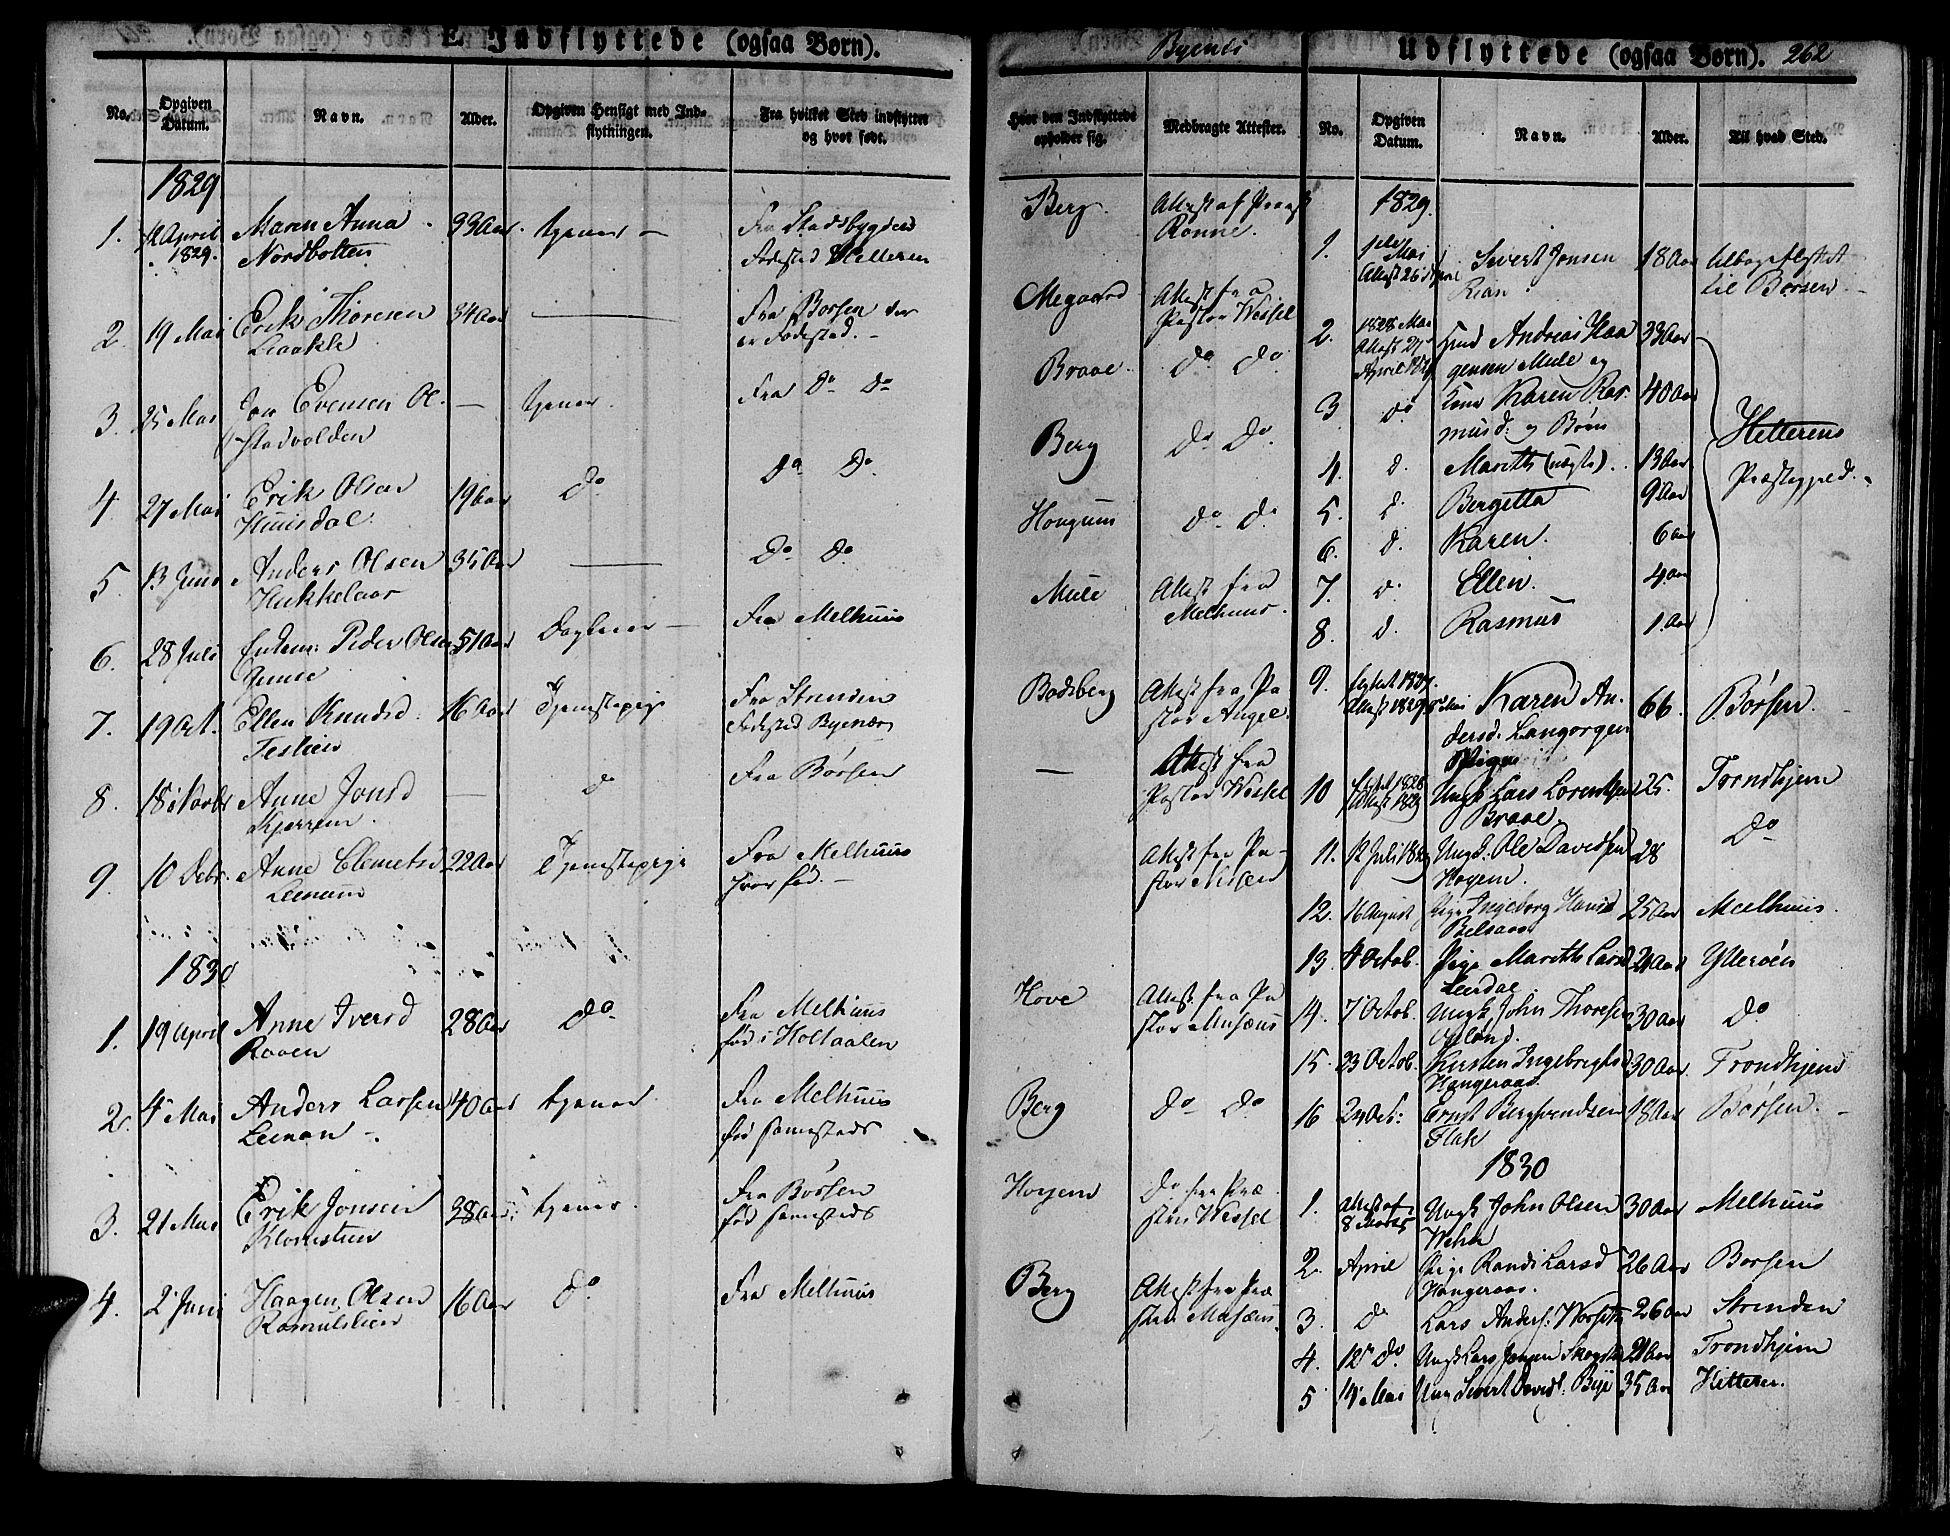 SAT, Ministerialprotokoller, klokkerbøker og fødselsregistre - Sør-Trøndelag, 612/L0374: Ministerialbok nr. 612A07 /1, 1829-1845, s. 262